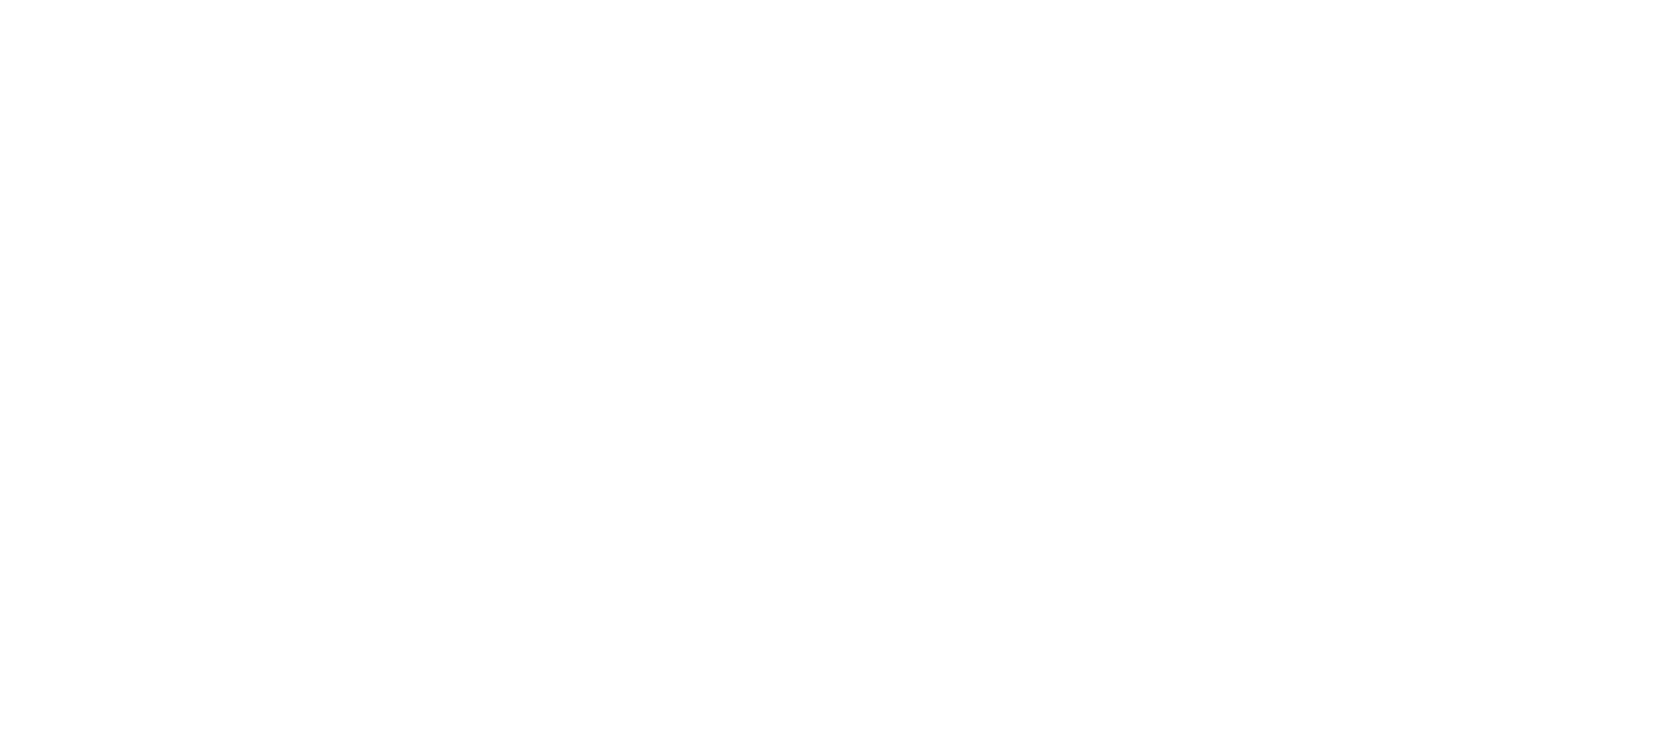 Взять в прокат Емкости Клетки Клетка «Шелли 1»; Нижний Новгород ,  ул.; Описание: Форма: Цилиндр Диаметр: 25 см Высота: 35 см